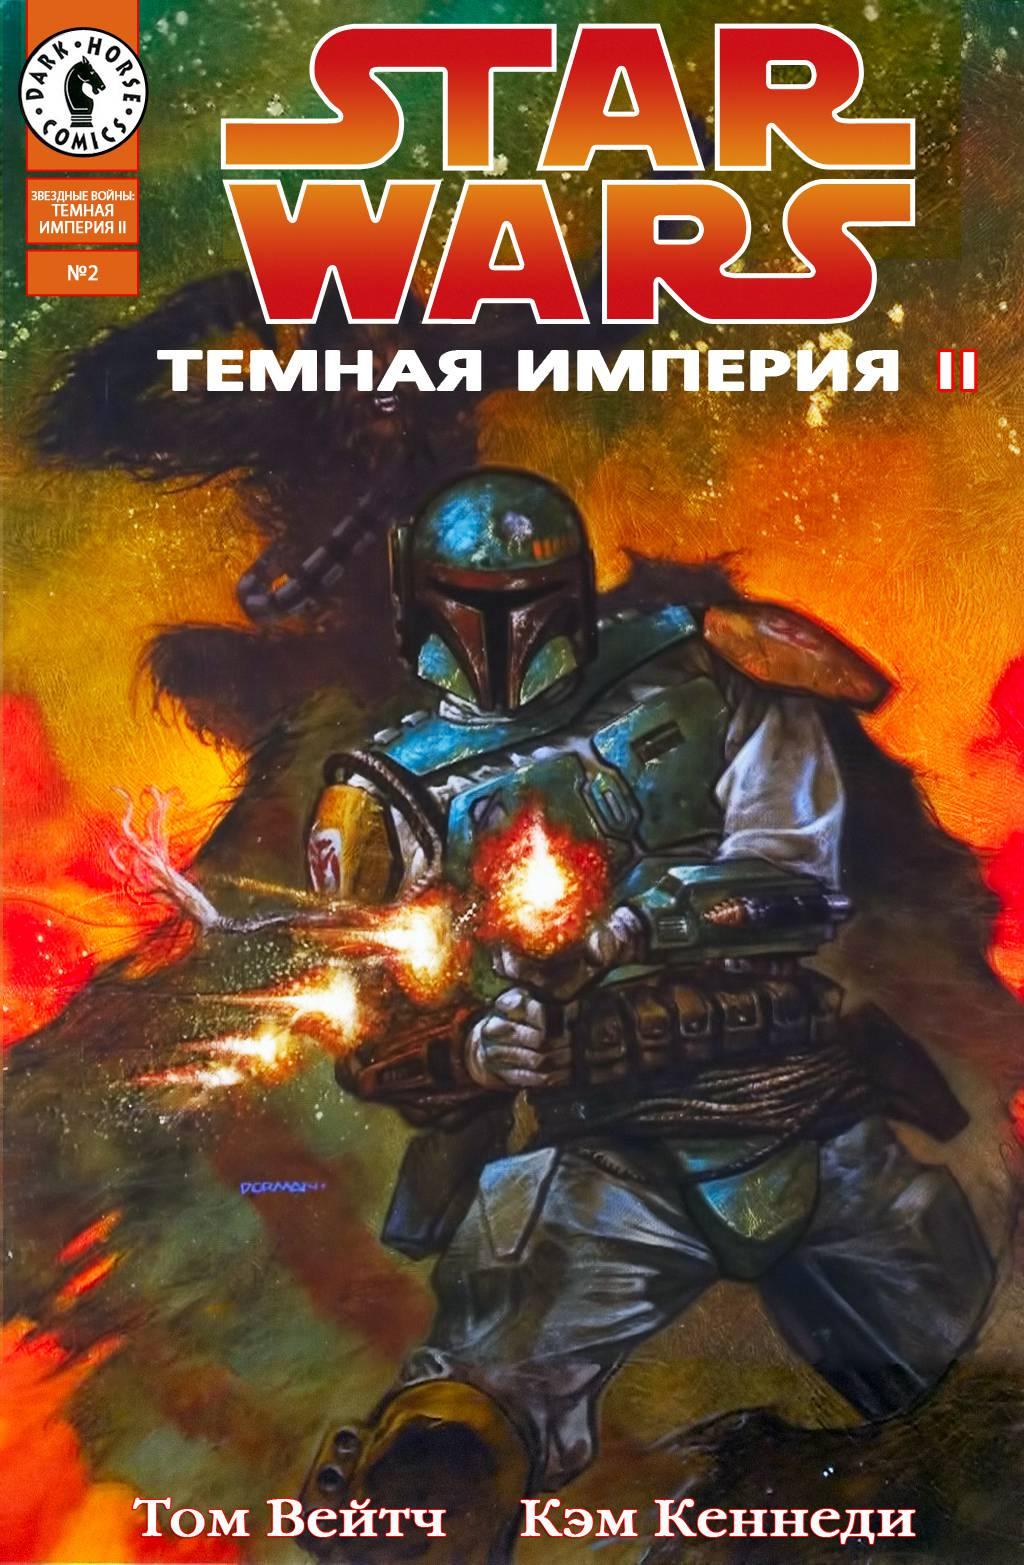 Звездные Войны: Темная Империя II №2 онлайн